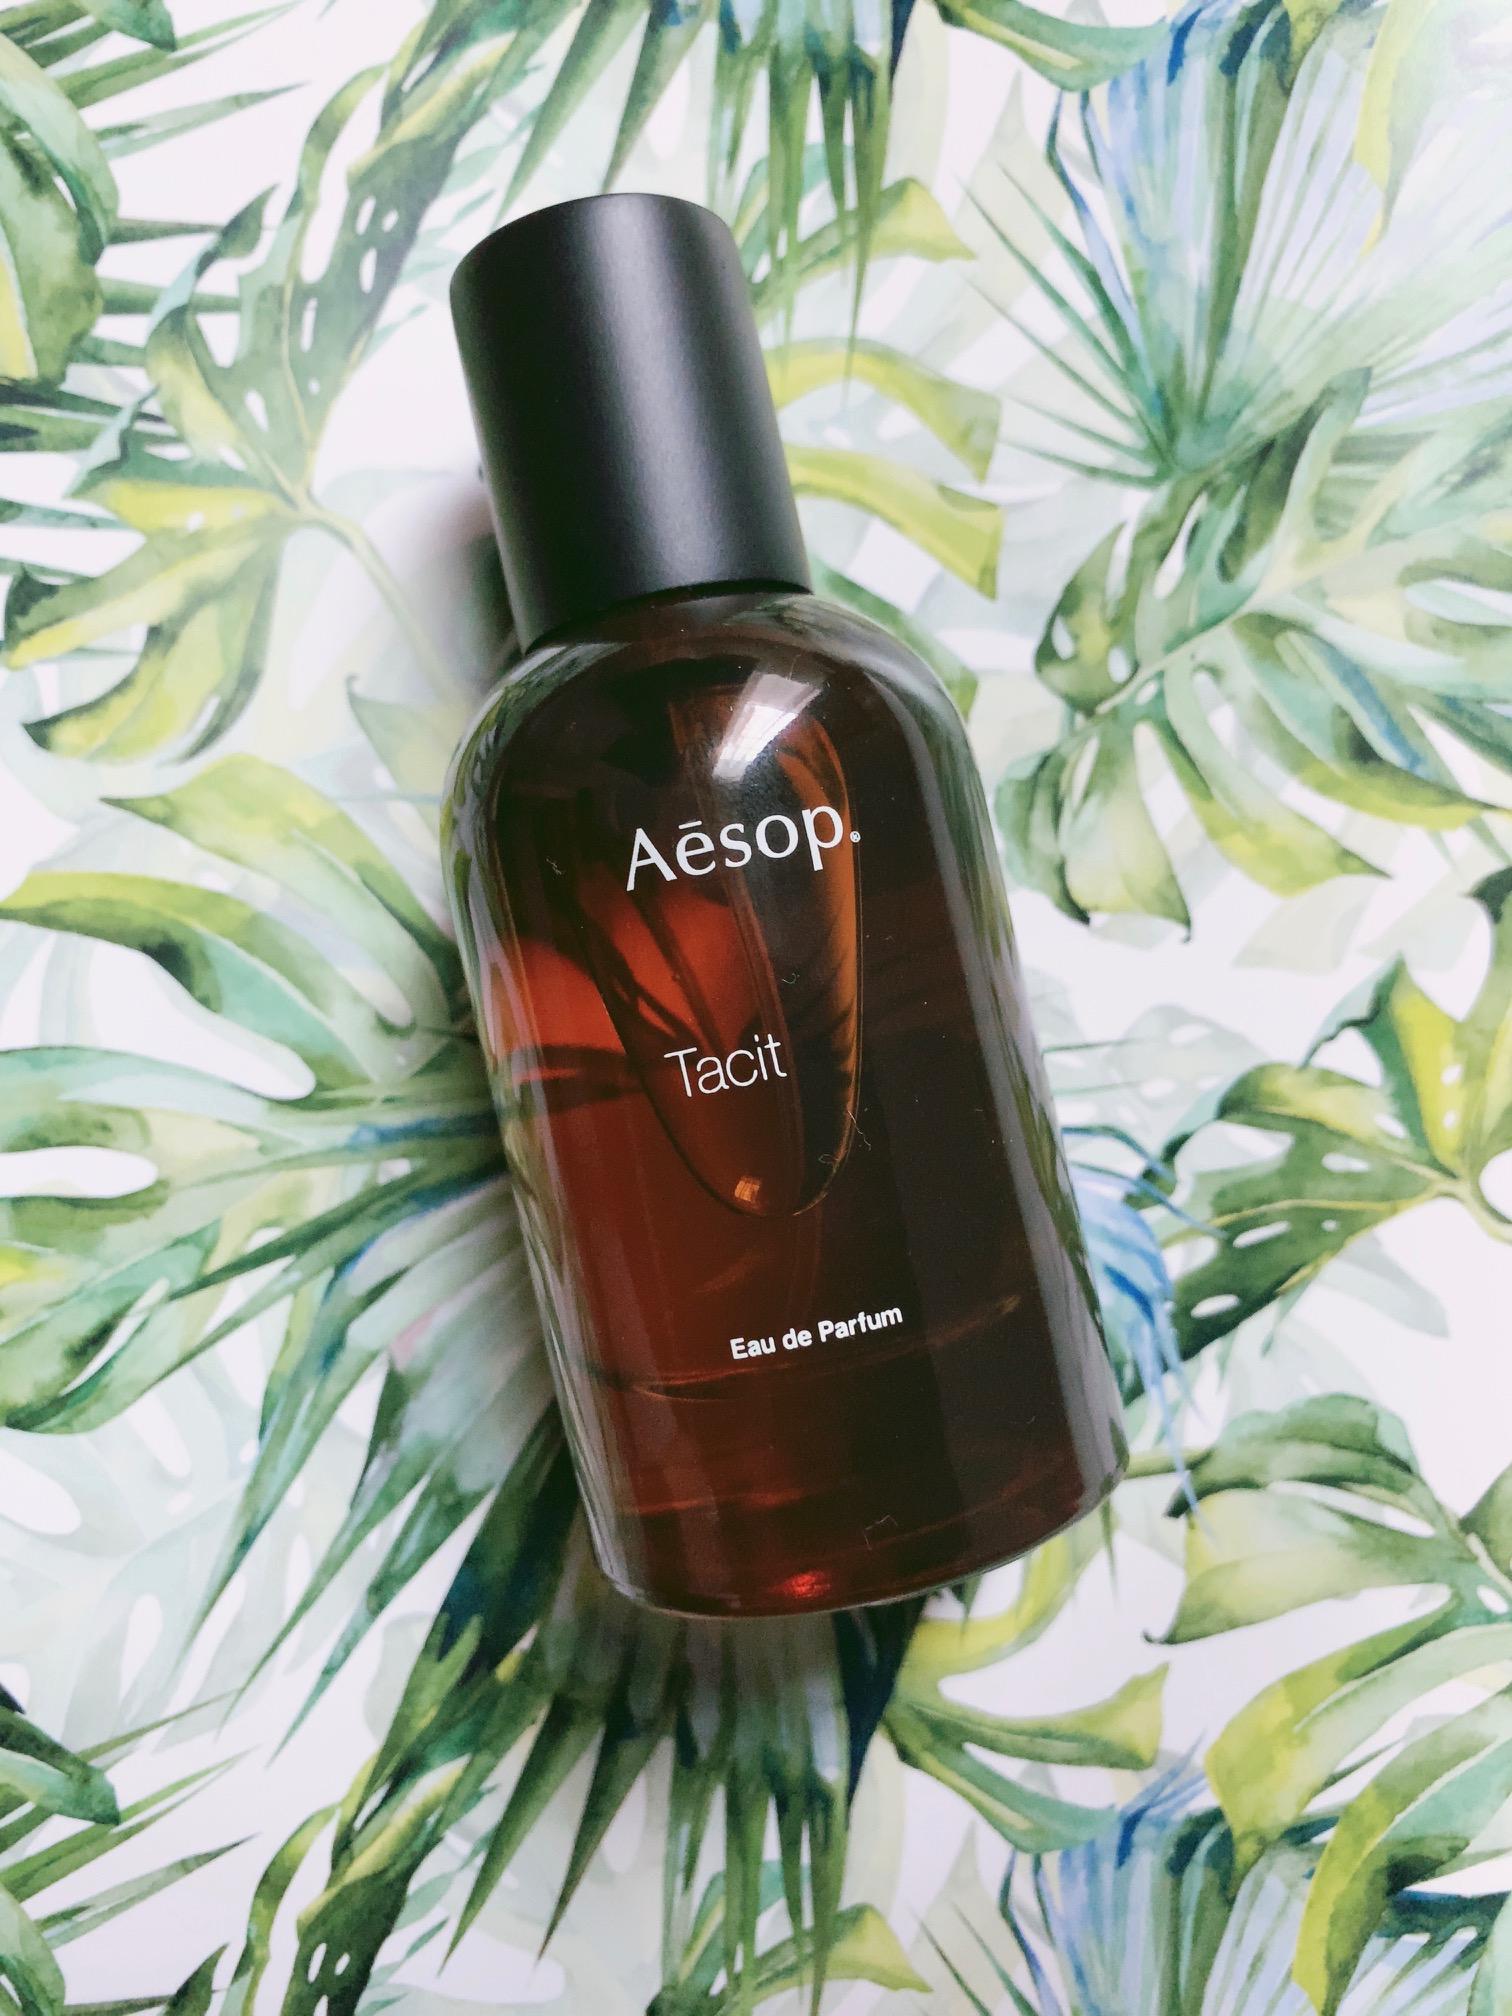 【香水苦手でも平気!?】自然な香りで癒される《Aesop イソップ》がおすすめ♡_1